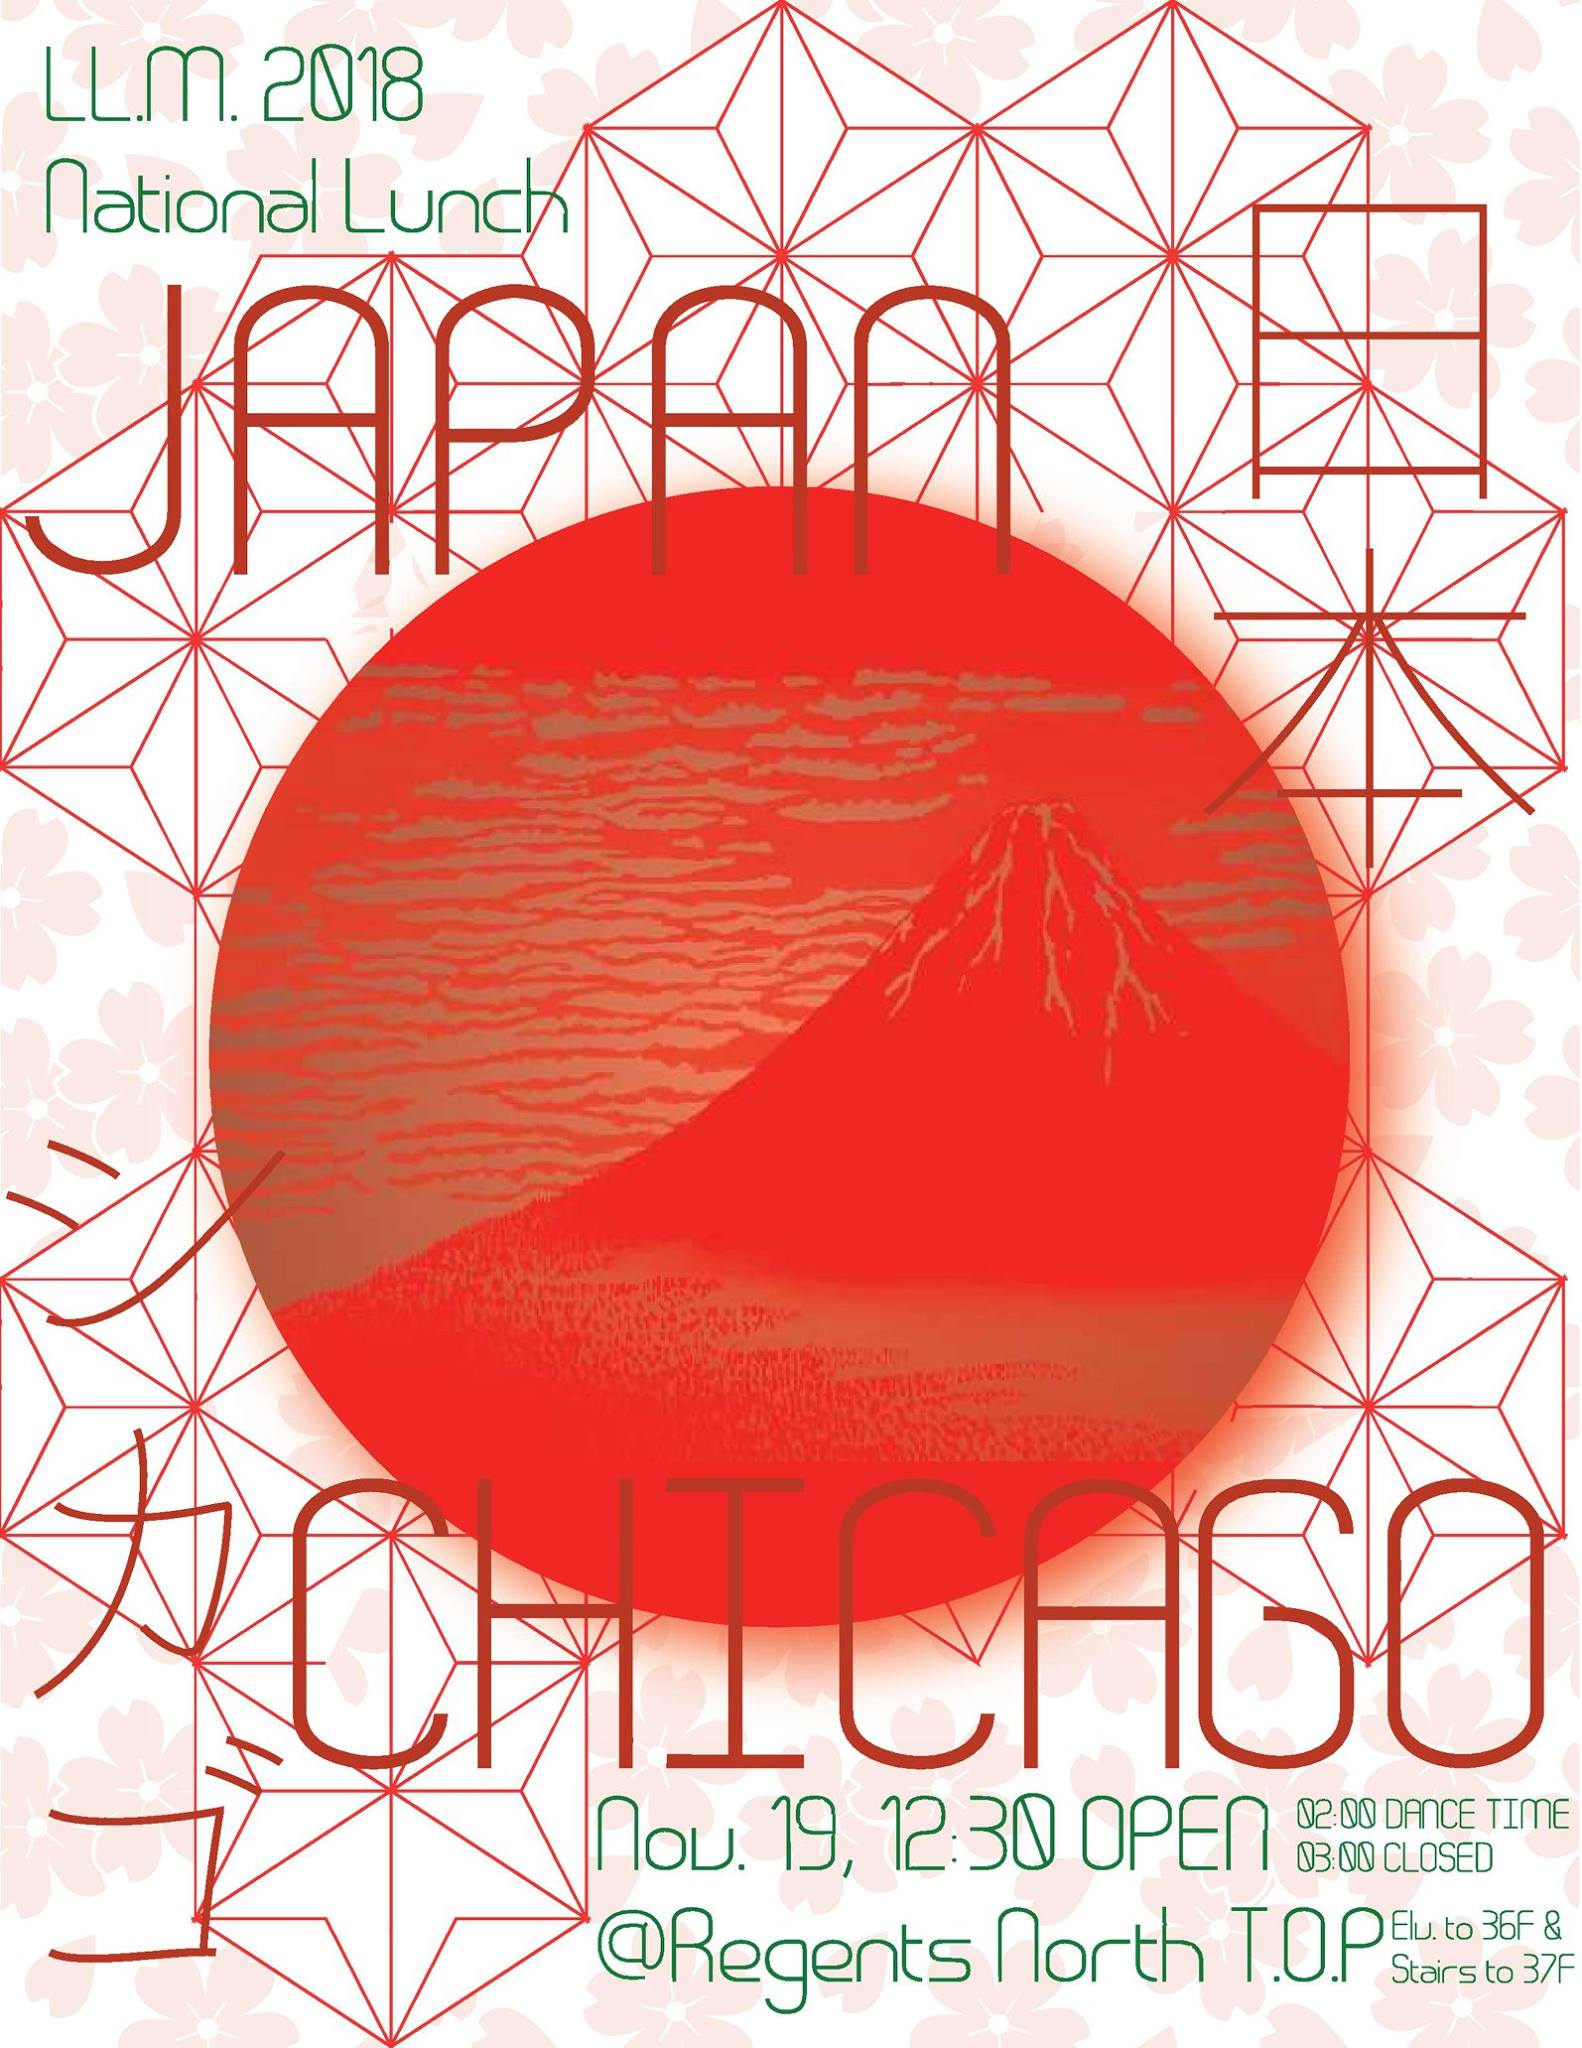 シカゴ アメリカ 世界一周 大学 日本 日本食 弁護士 ロースクール 友達 恋ダンス 寿司